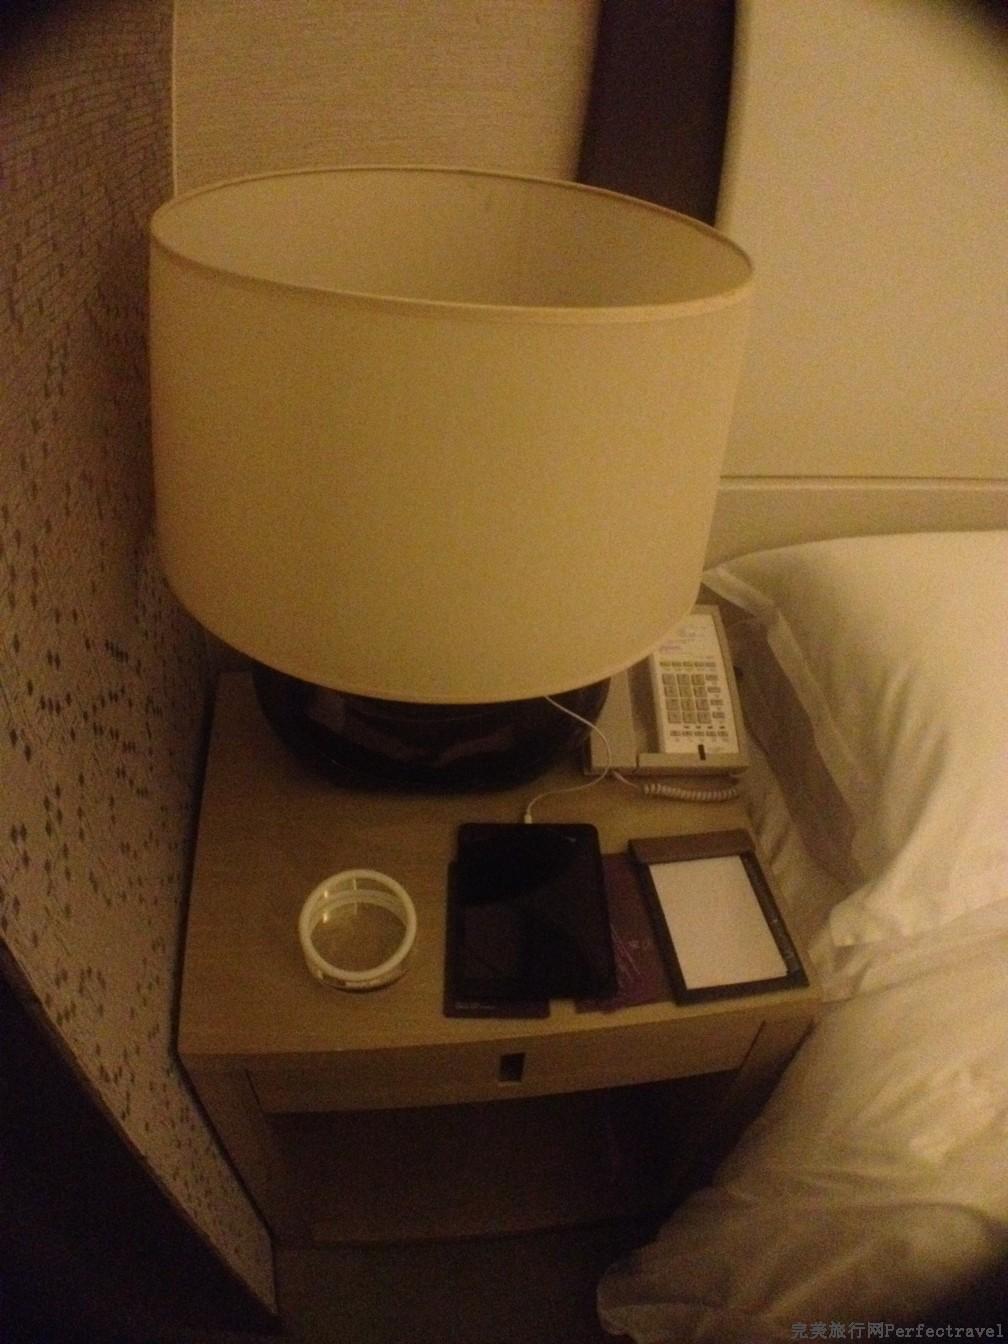 湖州喜来登温泉度假酒店-国庆逸世之行 - 完美旅行Perfectravel - 完美旅行Perfectravel的博客